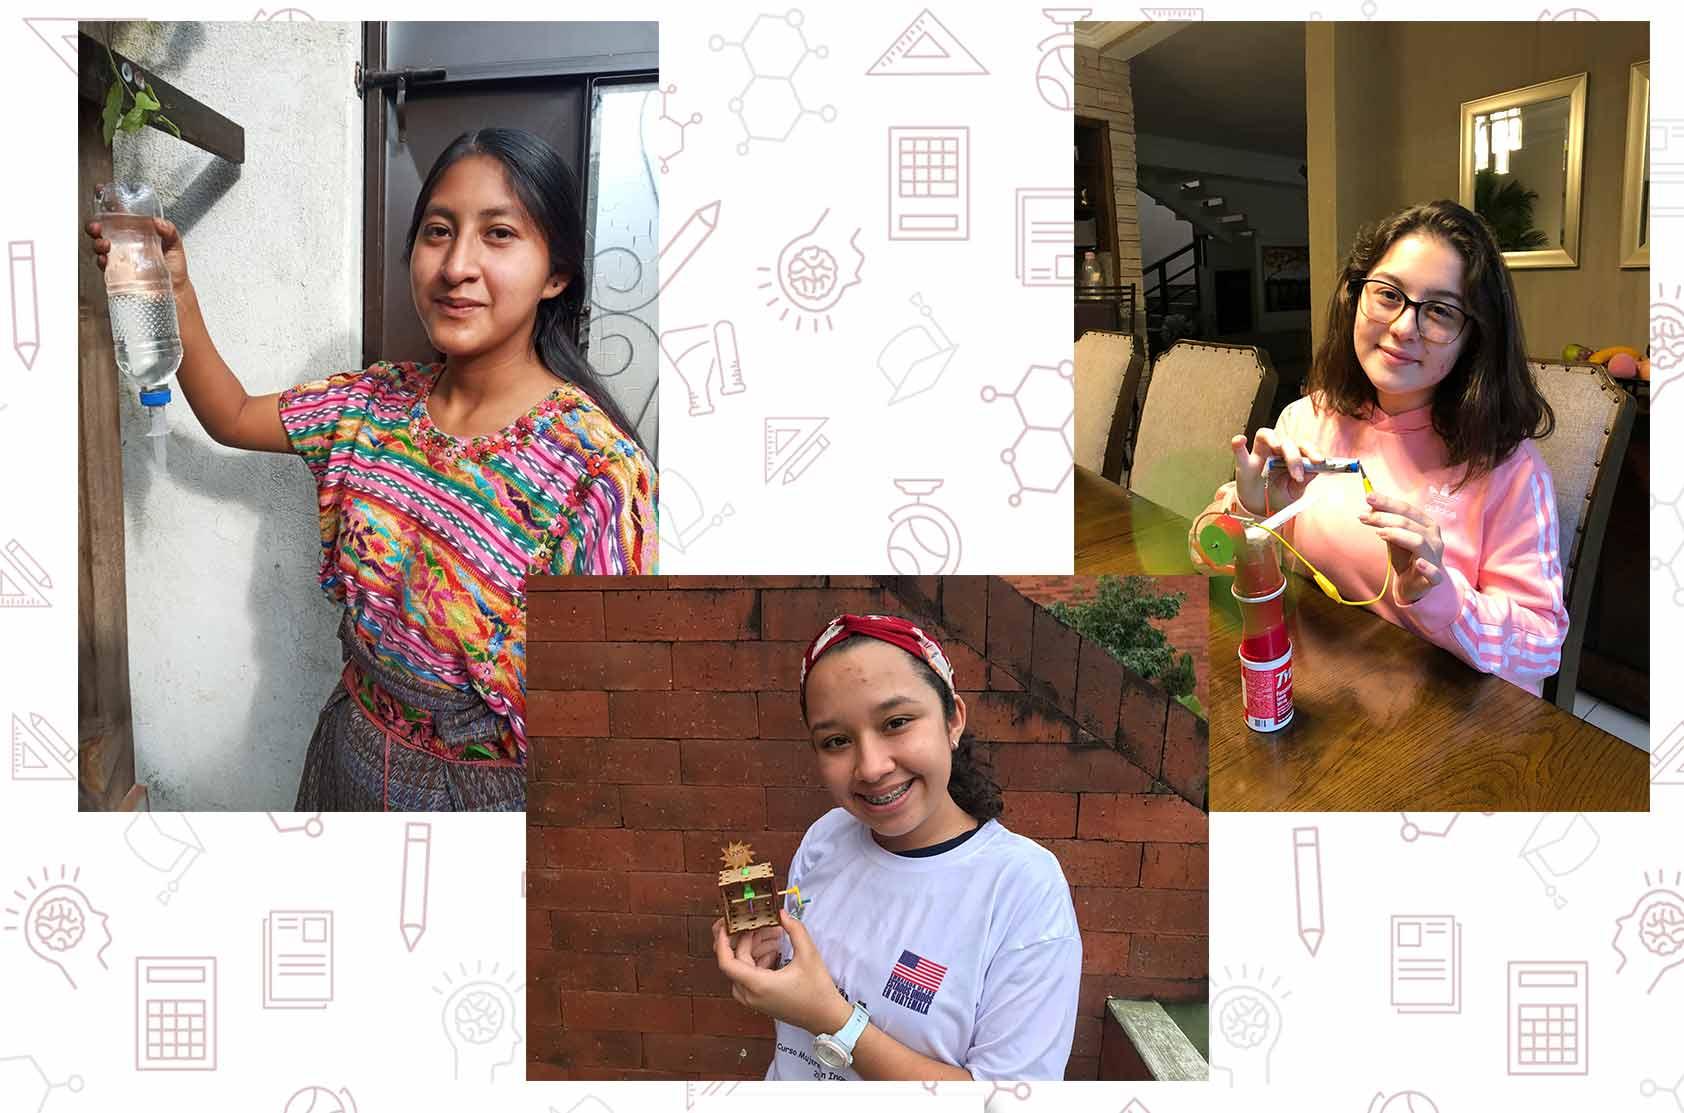 Mujeres en Ingeniería: una manera increíble de conocer el apasionante mundo de la ingeniería